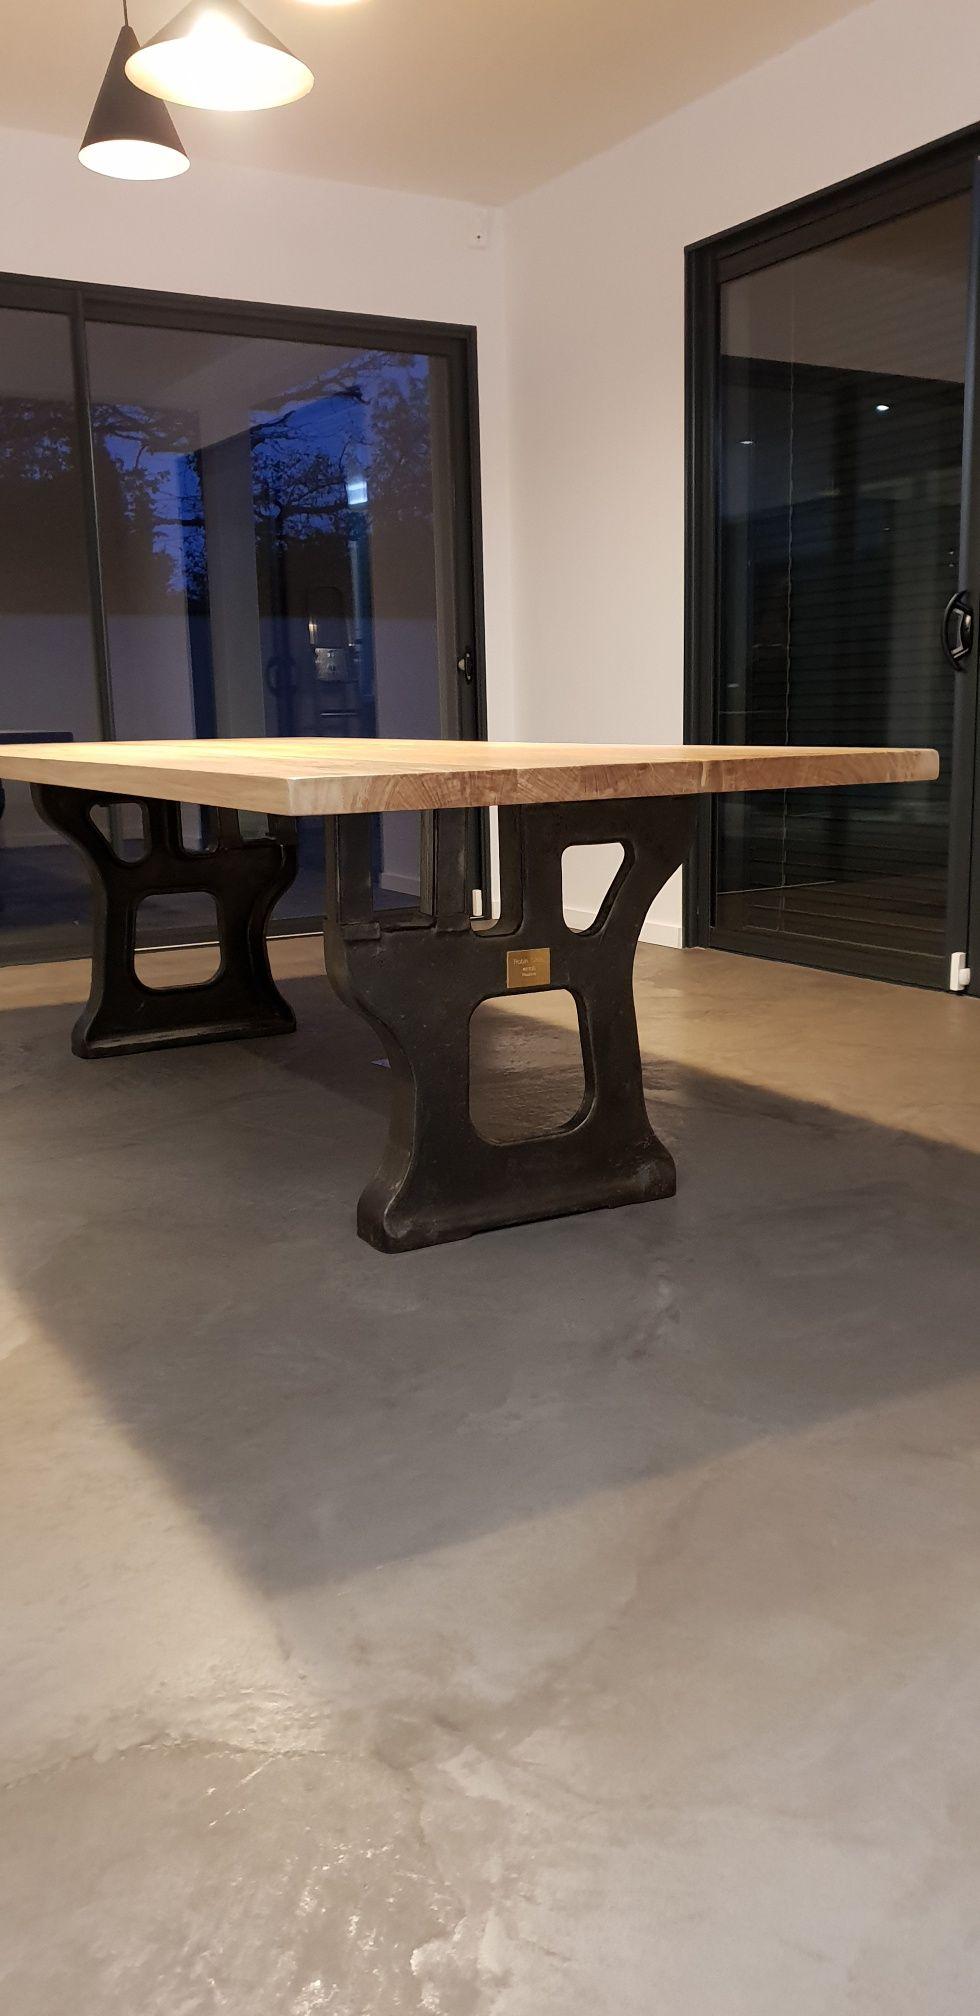 Table Industrielle Pieds Anciens En Fonte Table De Salle A Manger Table Salle A Manger Salle A Manger Industrielle Decoration Maison